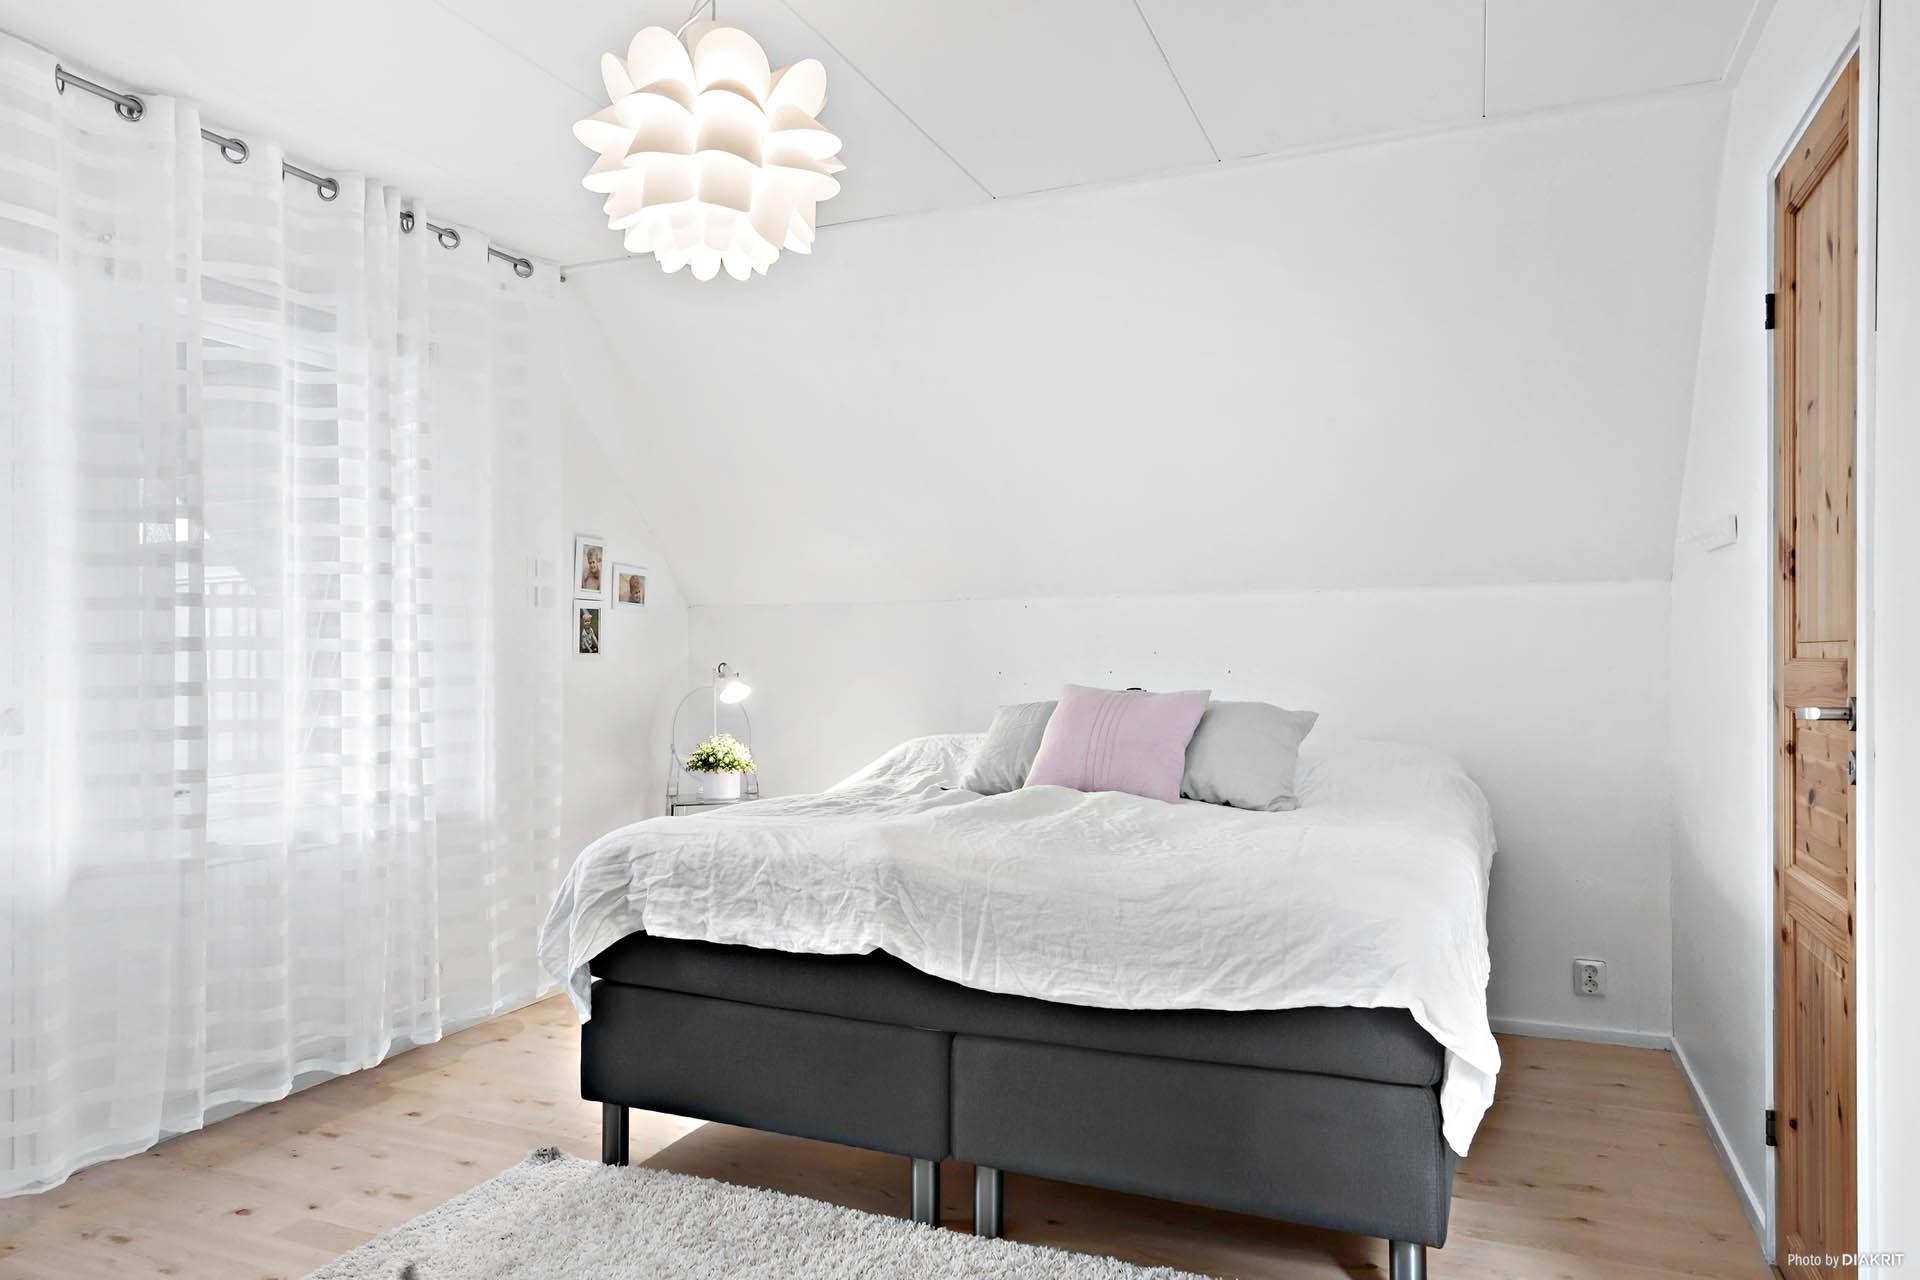 Luftigt sovrum med klädkammare strax intill.